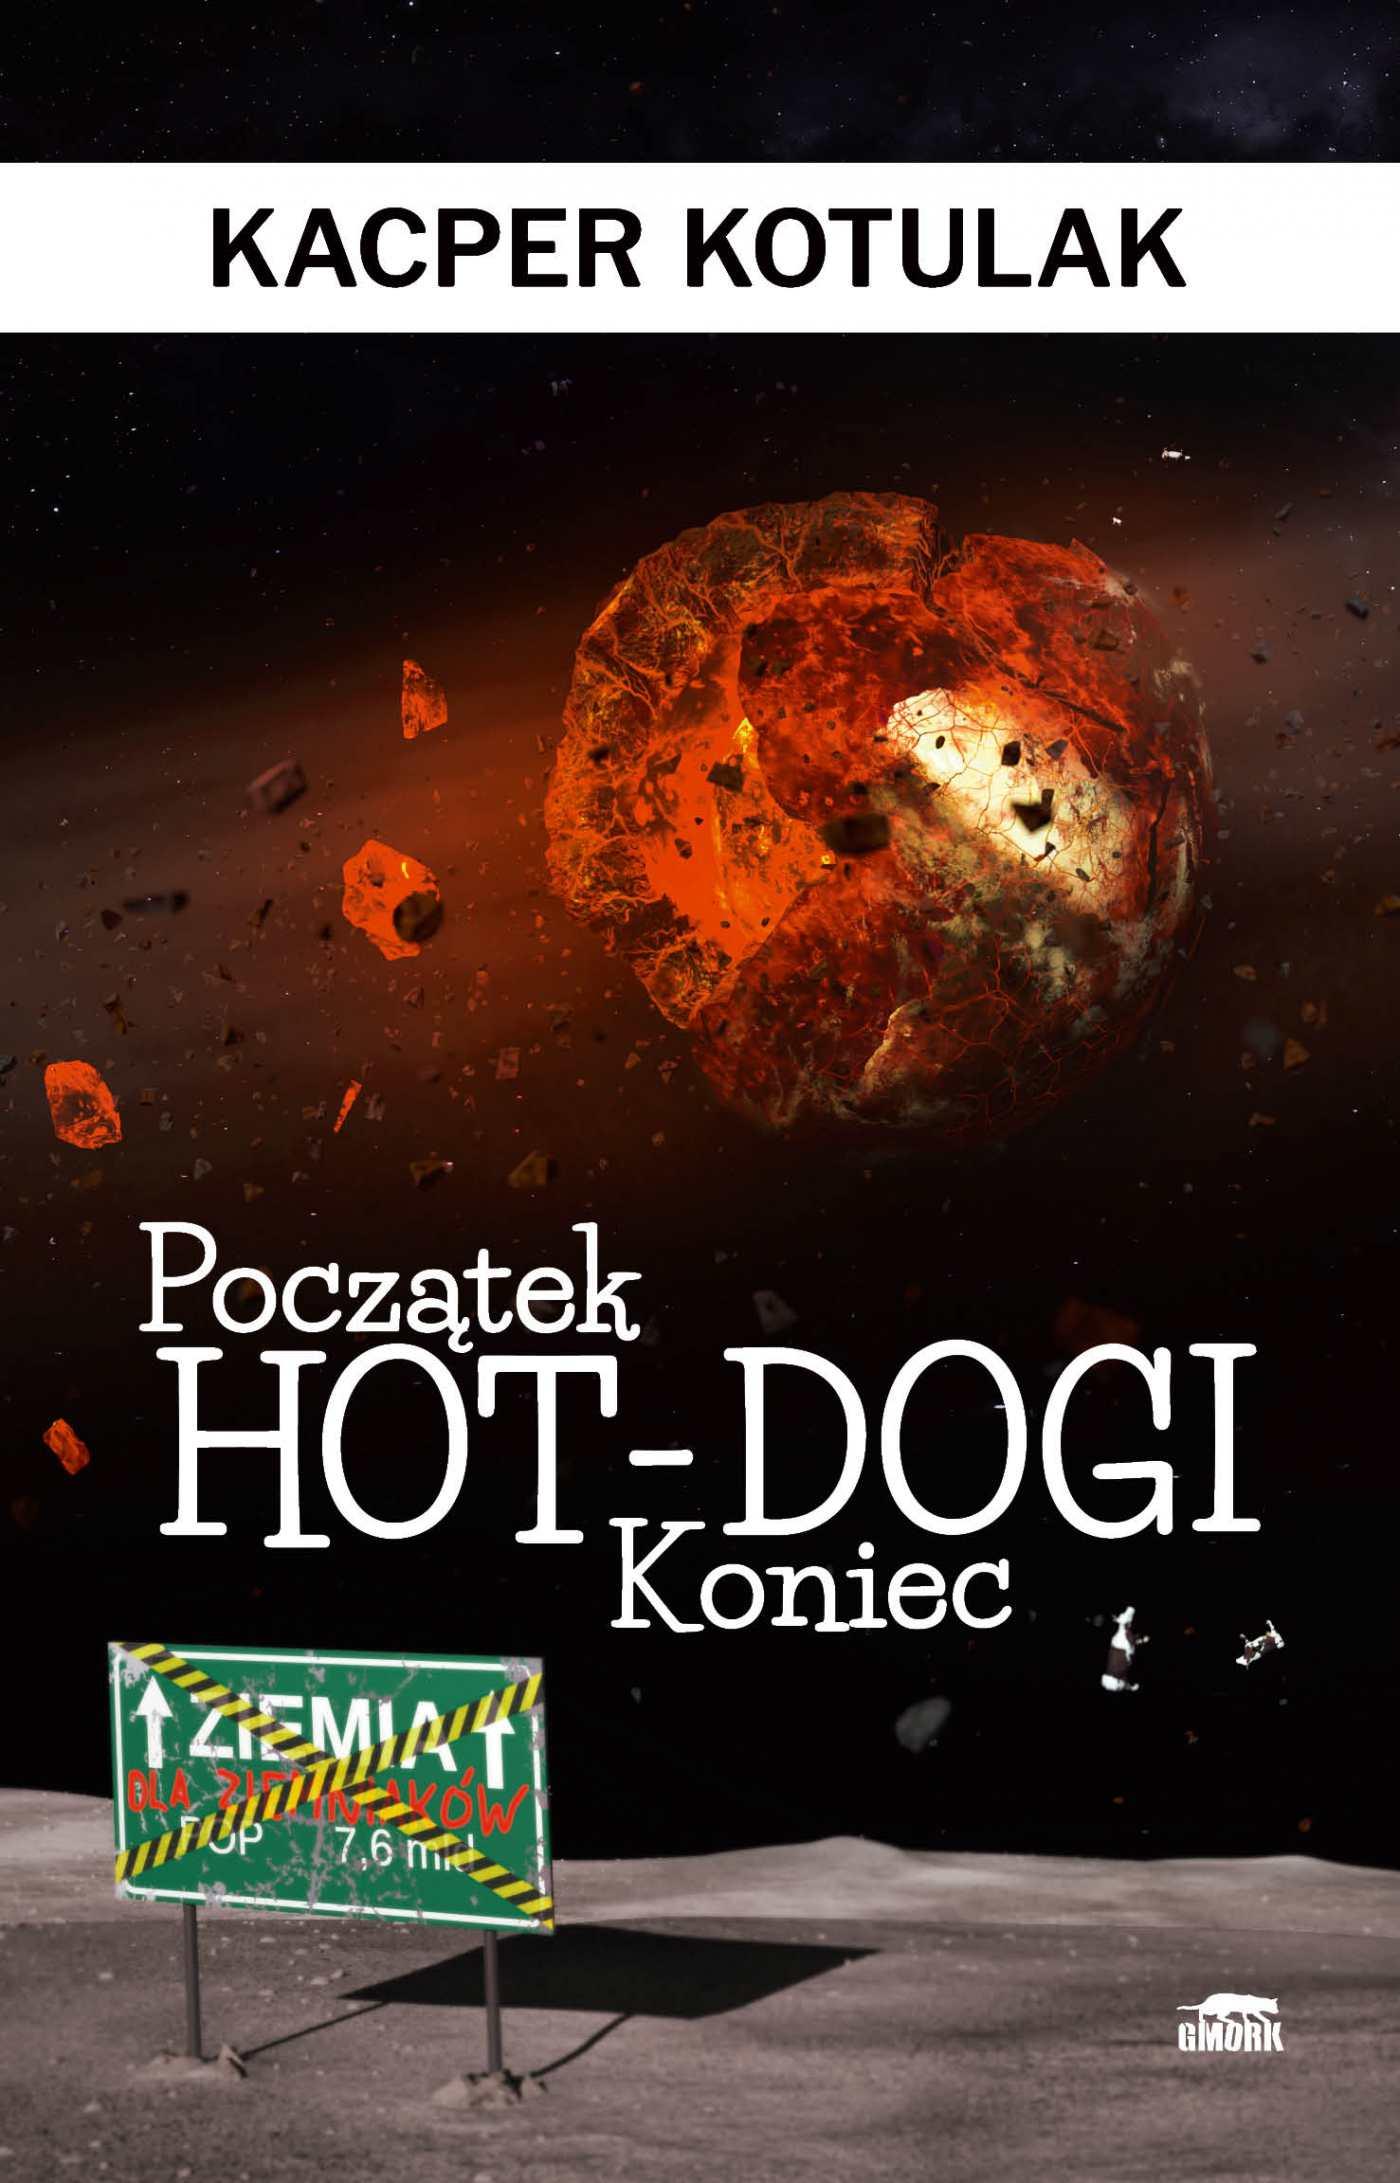 Początek, koniec i hot-dogi - Ebook (Książka na Kindle) do pobrania w formacie MOBI